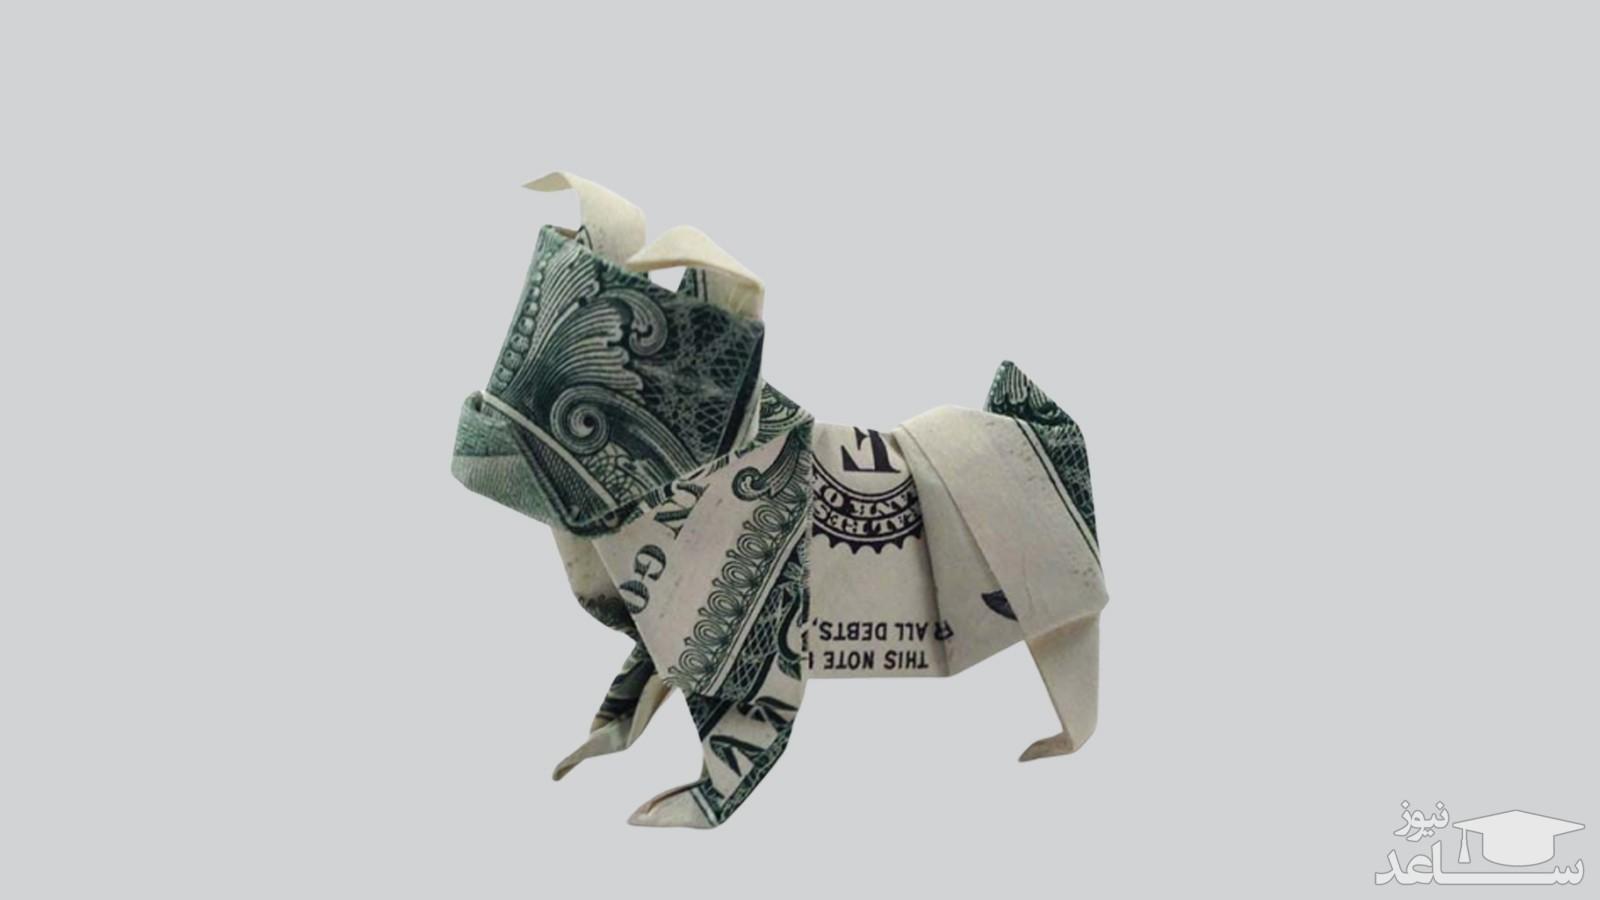 نگهداری حیوانات خانگی ( سگ ، گربه ، پرنده و...) چقدر هزینه دارد؟